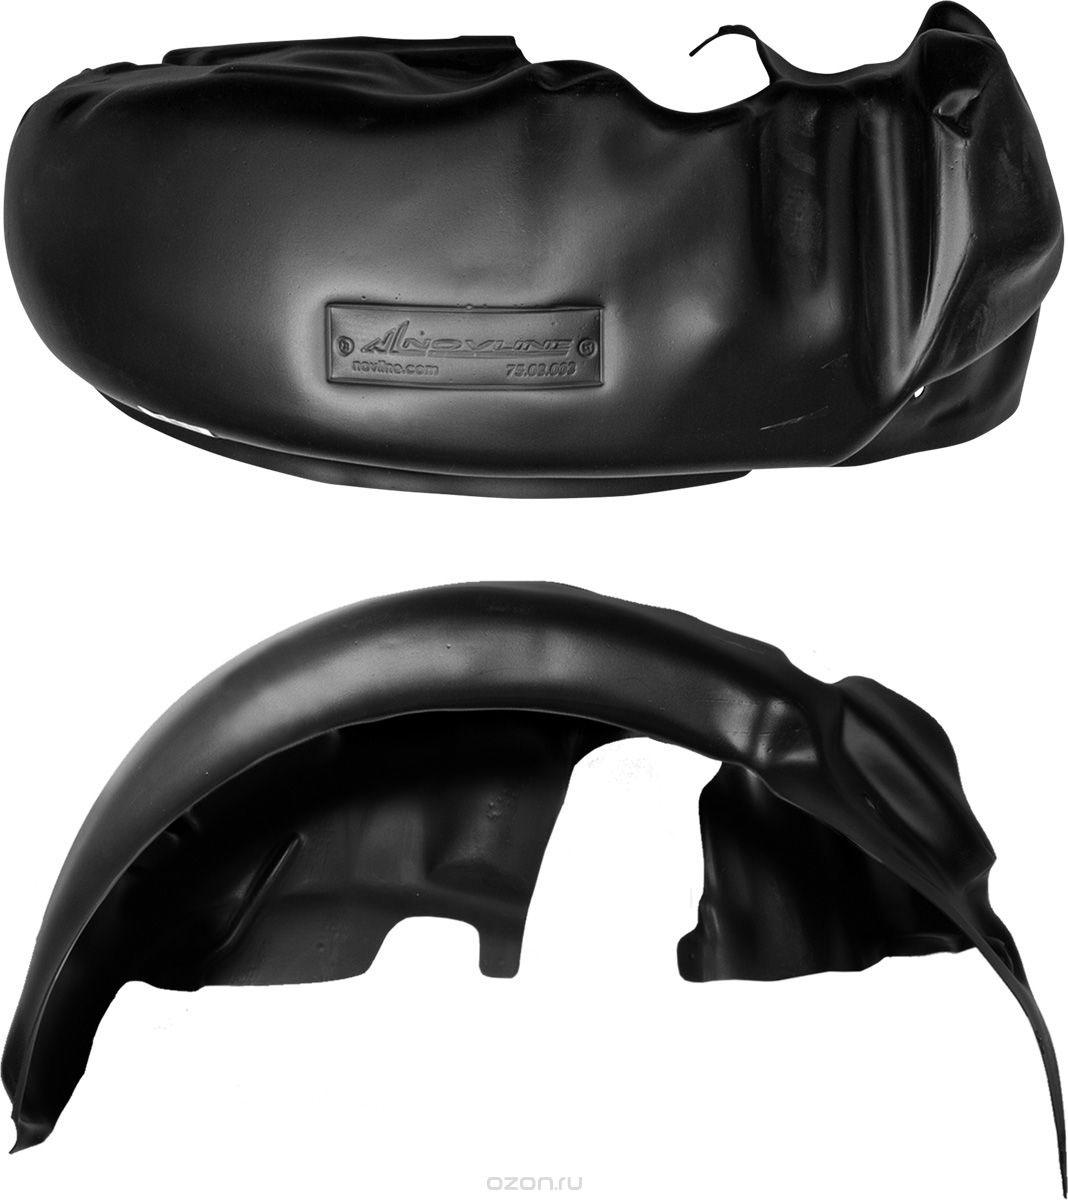 Подкрылок Novline-Autofamily, для Hyundai i20, 2009->, задний правыйNLL.20.32.004Идеальная защита колесной ниши. Локеры разработаны с применением цифровых технологий, гарантируют максимальную повторяемость поверхности арки. Изделия устанавливаются без нарушения лакокрасочного покрытия автомобиля, каждый подкрылок комплектуется крепежом. Уважаемые клиенты, обращаем ваше внимание, что фотографии на подкрылки универсальные и не отражают реальную форму изделия. При этом само изделие идет точно под размер указанного автомобиля.